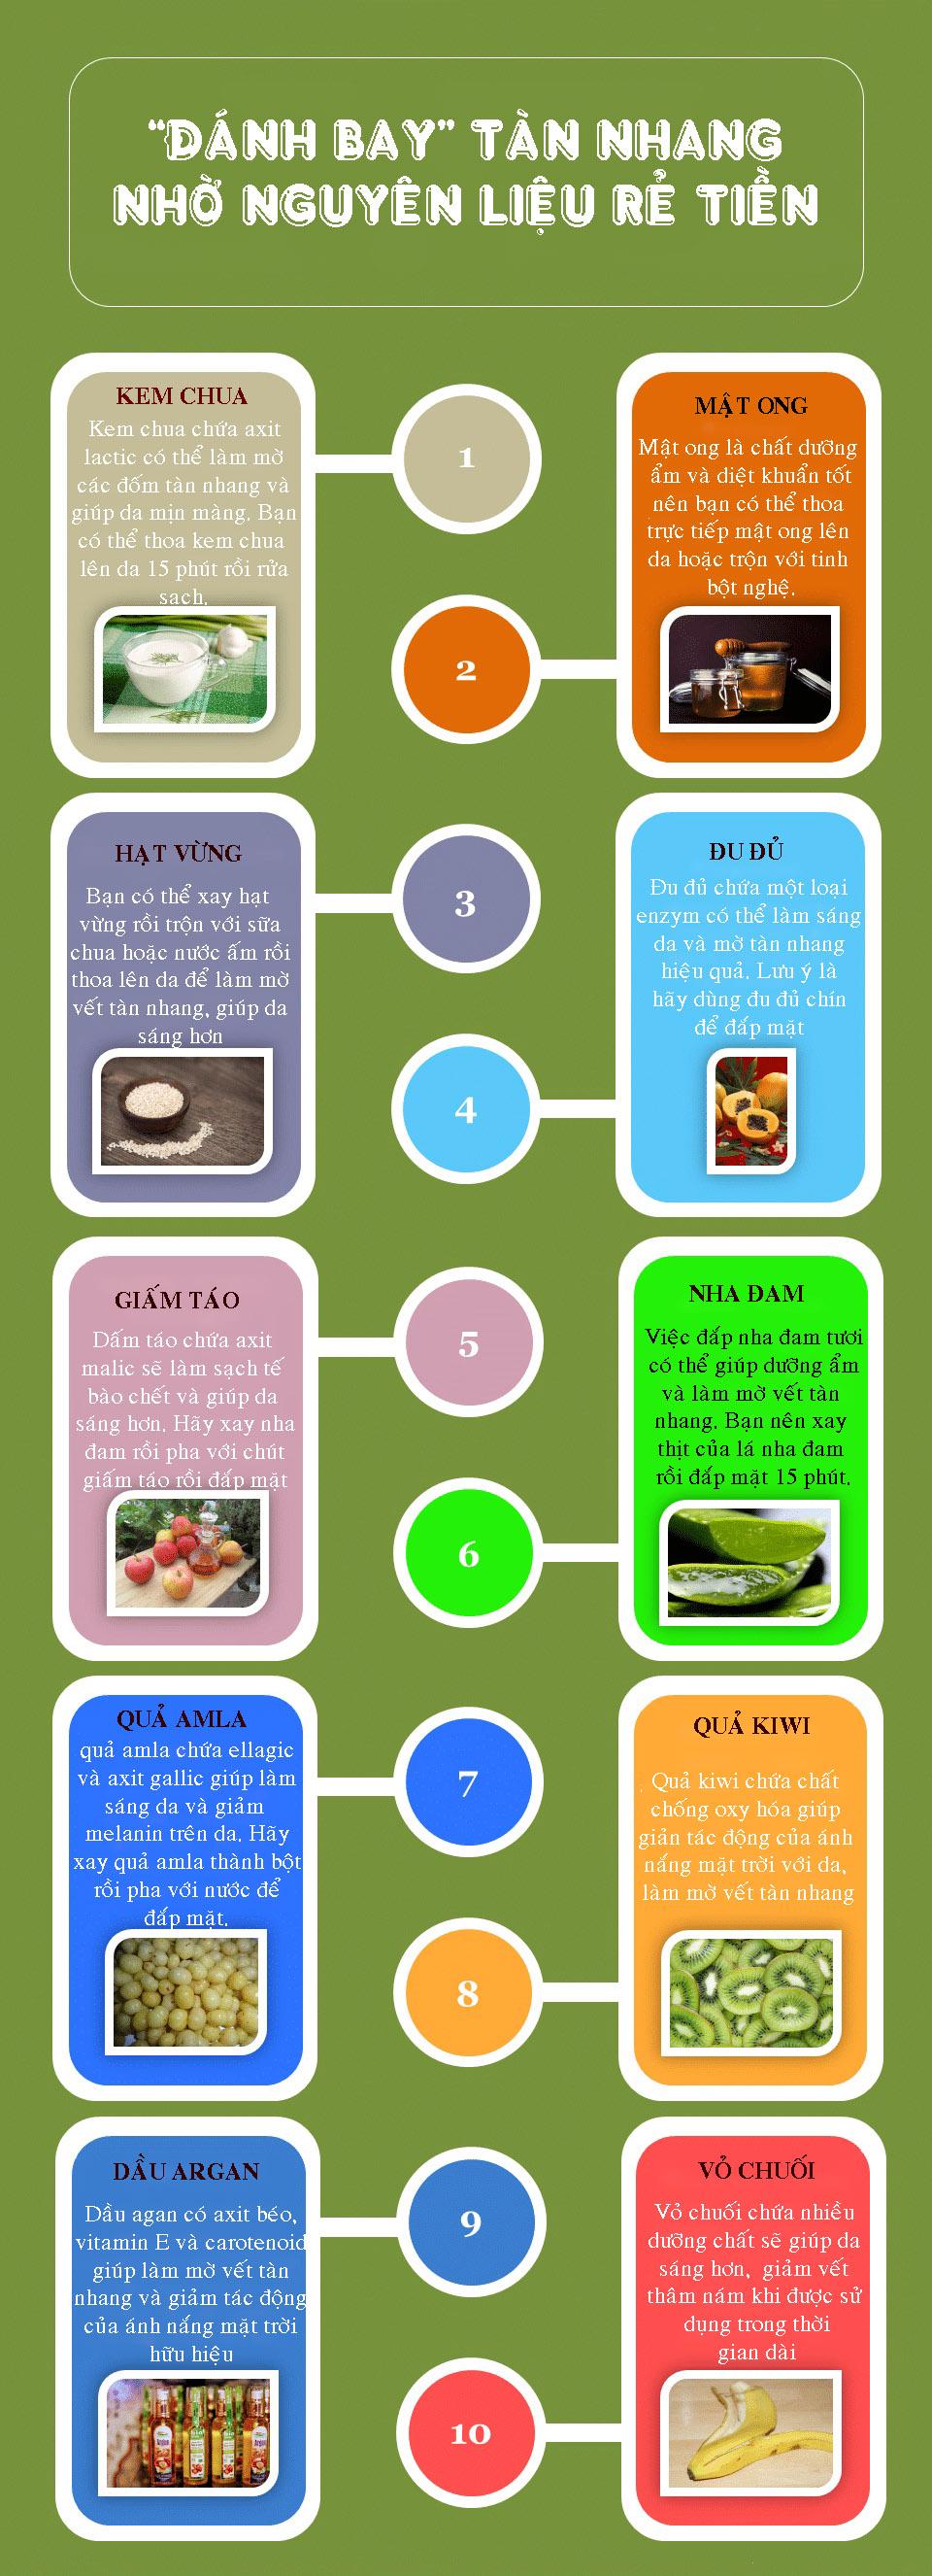 10 cách đánh bay tàn nhang bằng nguyên liệu rẻ tiền cực hiệu quả - 1